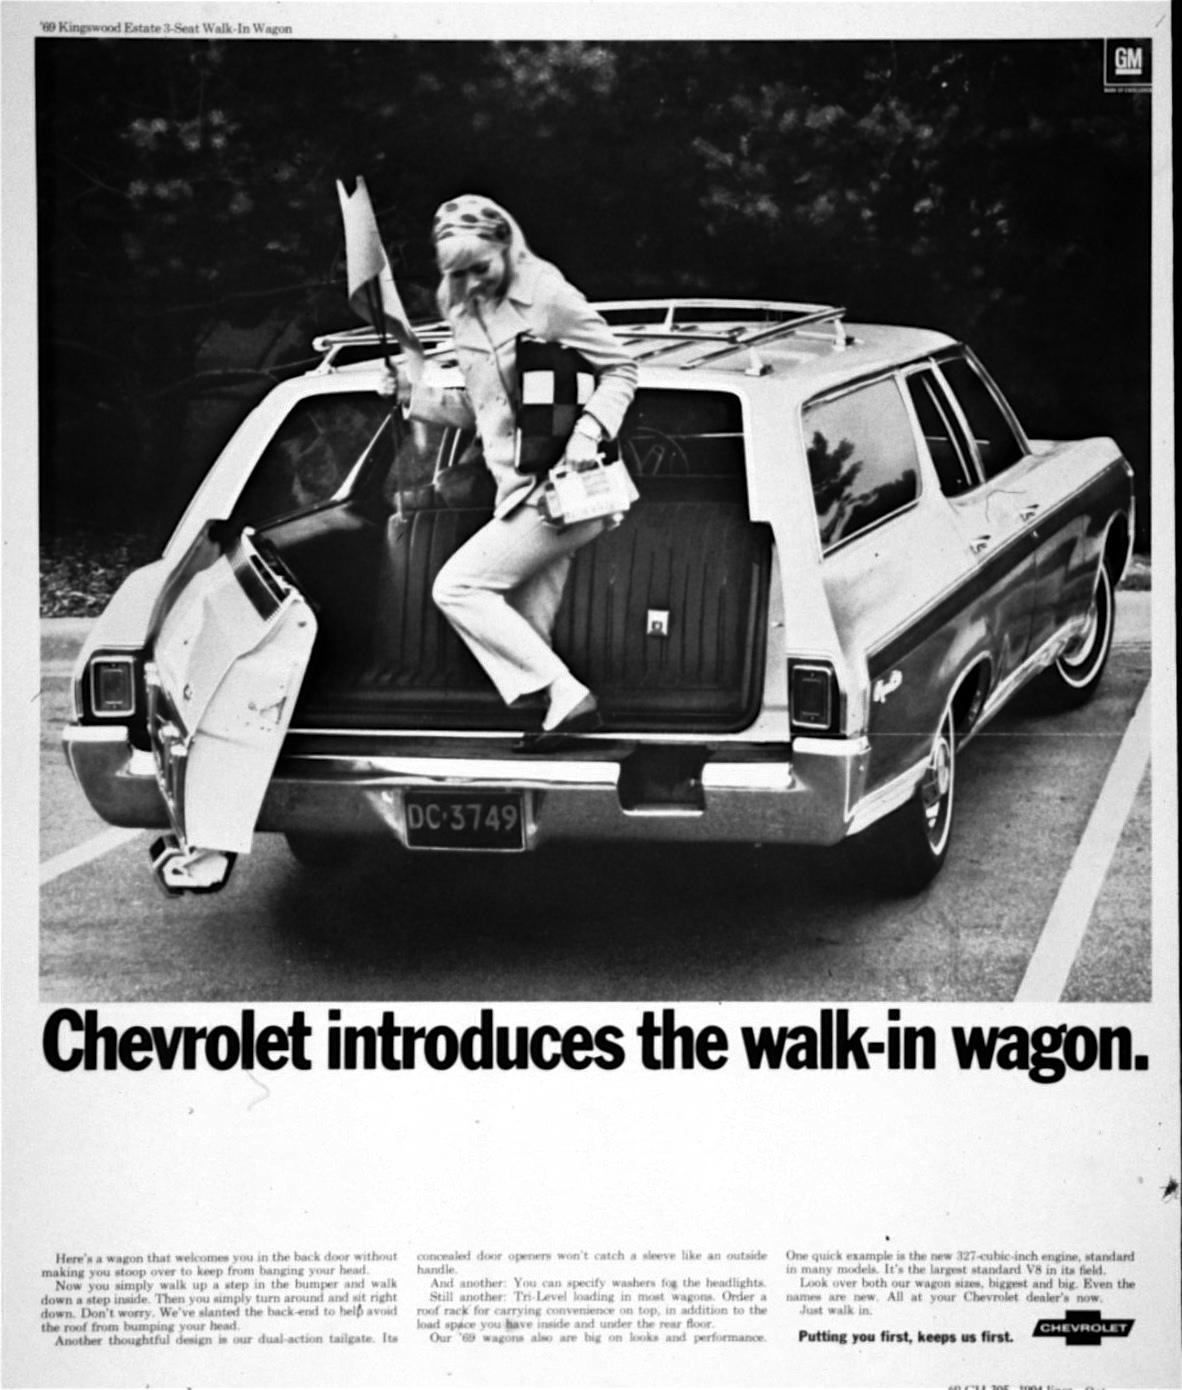 ['69+NP+Walk-in+Wagon]